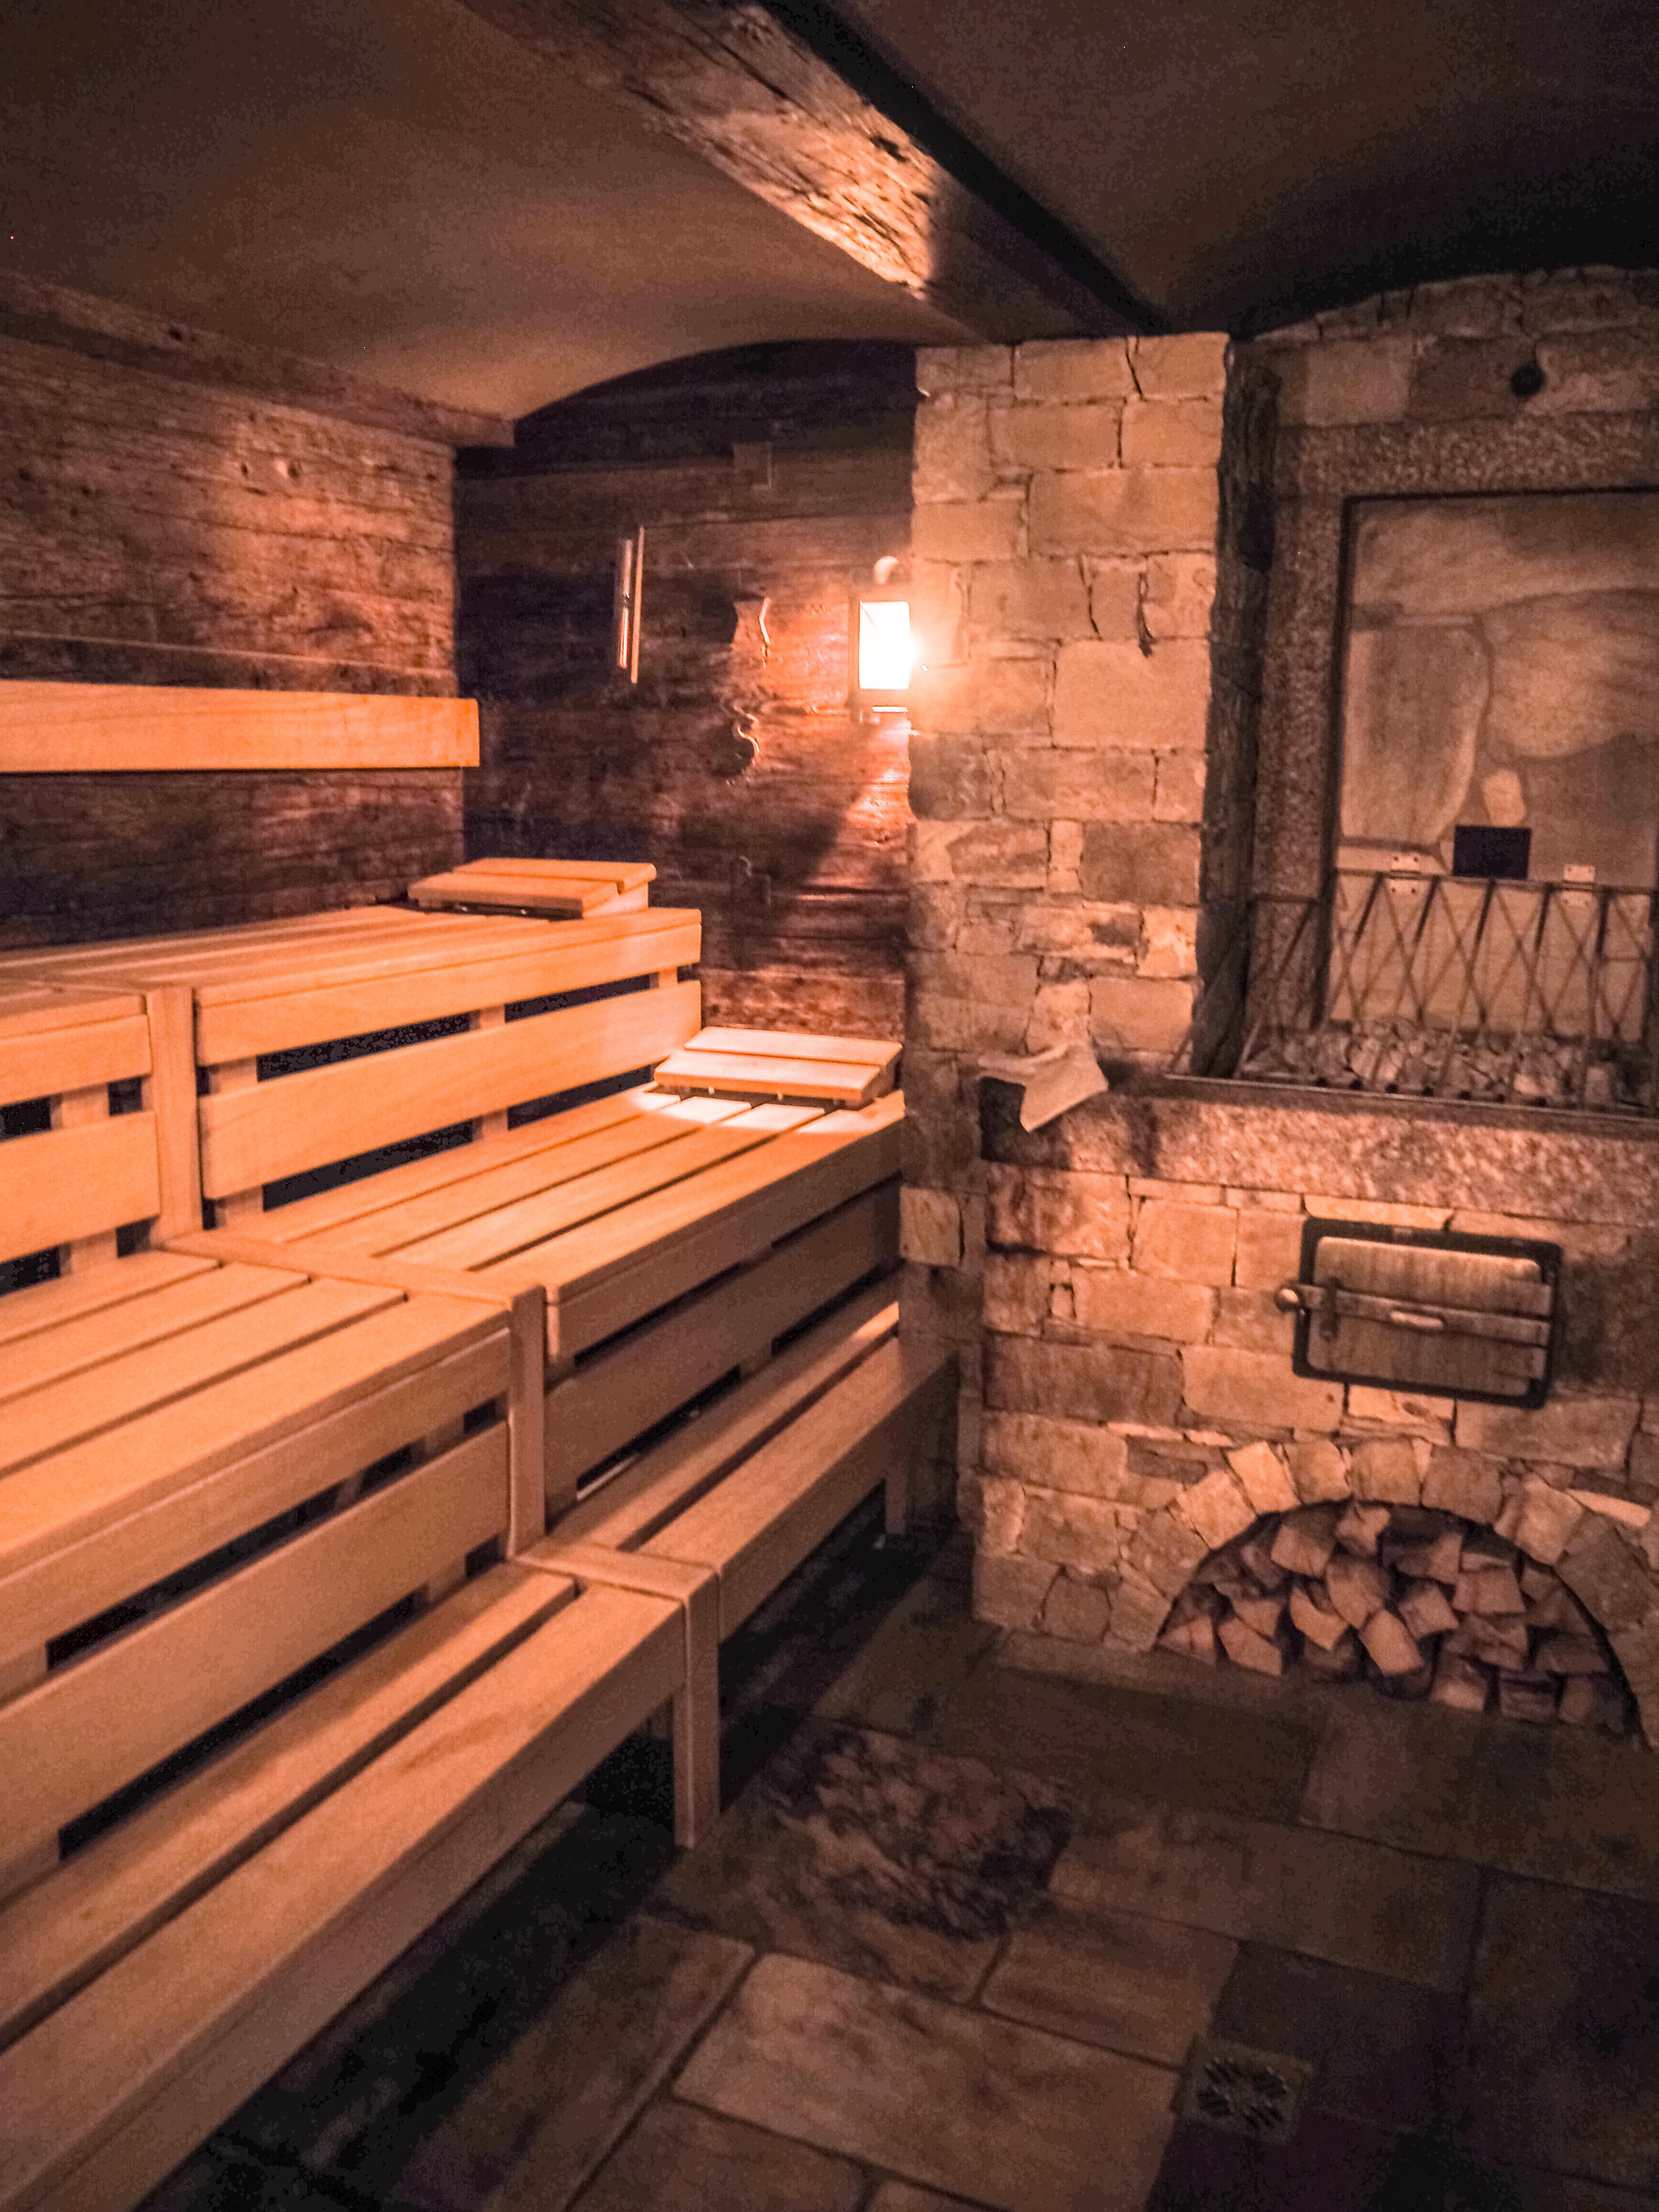 sauna do 39 s and don 39 ts fulltimelifeloverblog. Black Bedroom Furniture Sets. Home Design Ideas